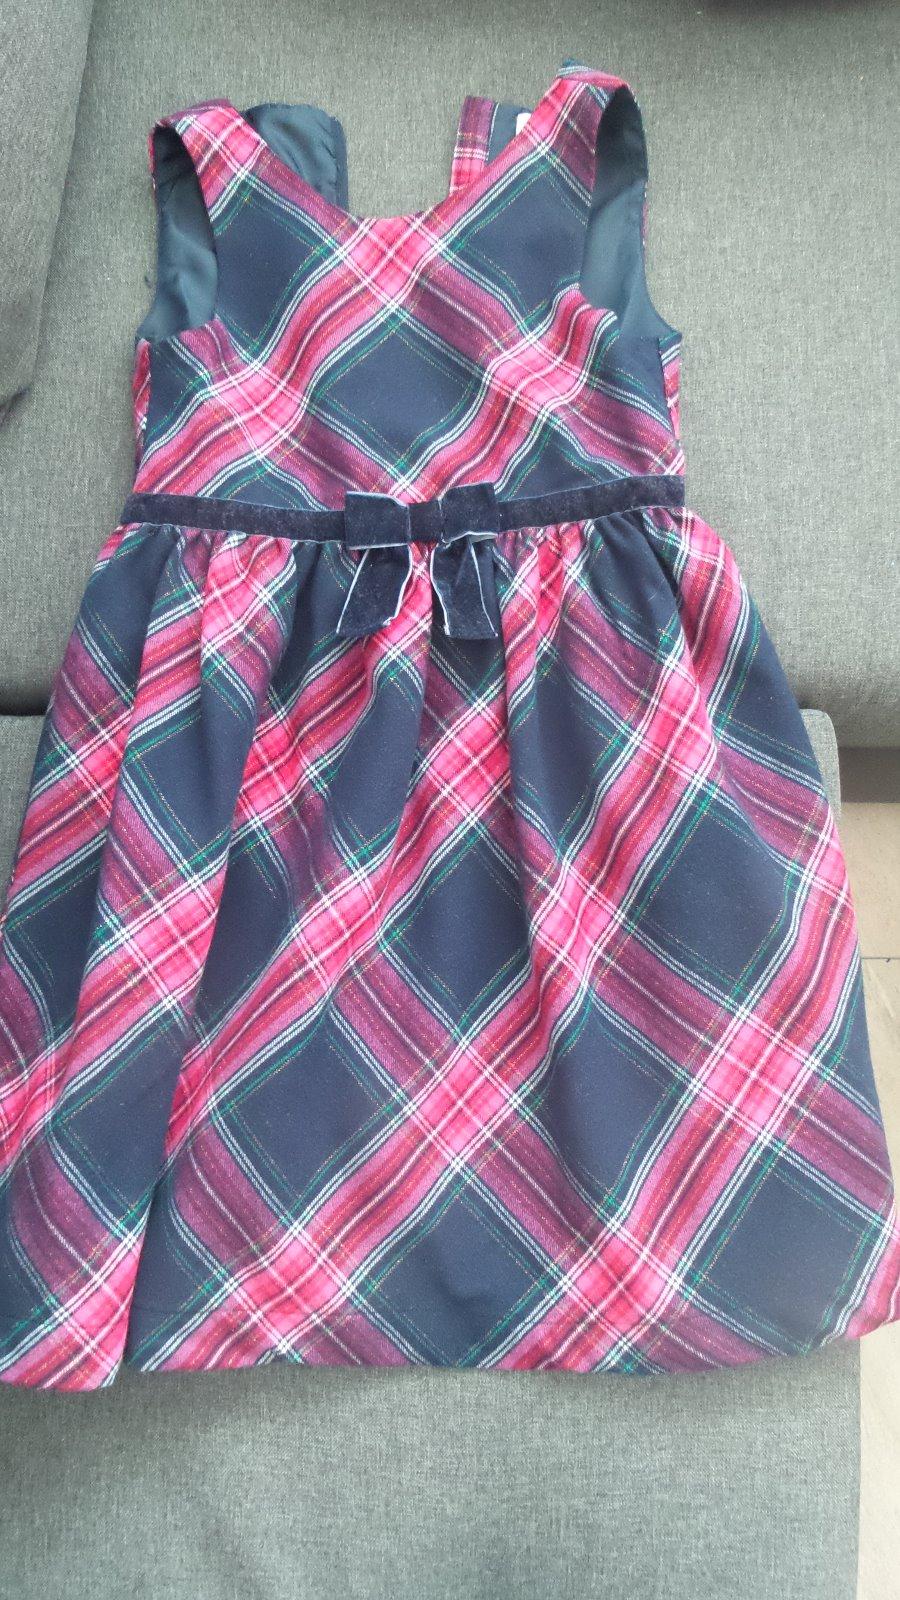 8627631c599db Kárované vianočné šaty, 140 - 12 € od predávajúcej nikush29 | Detský ...